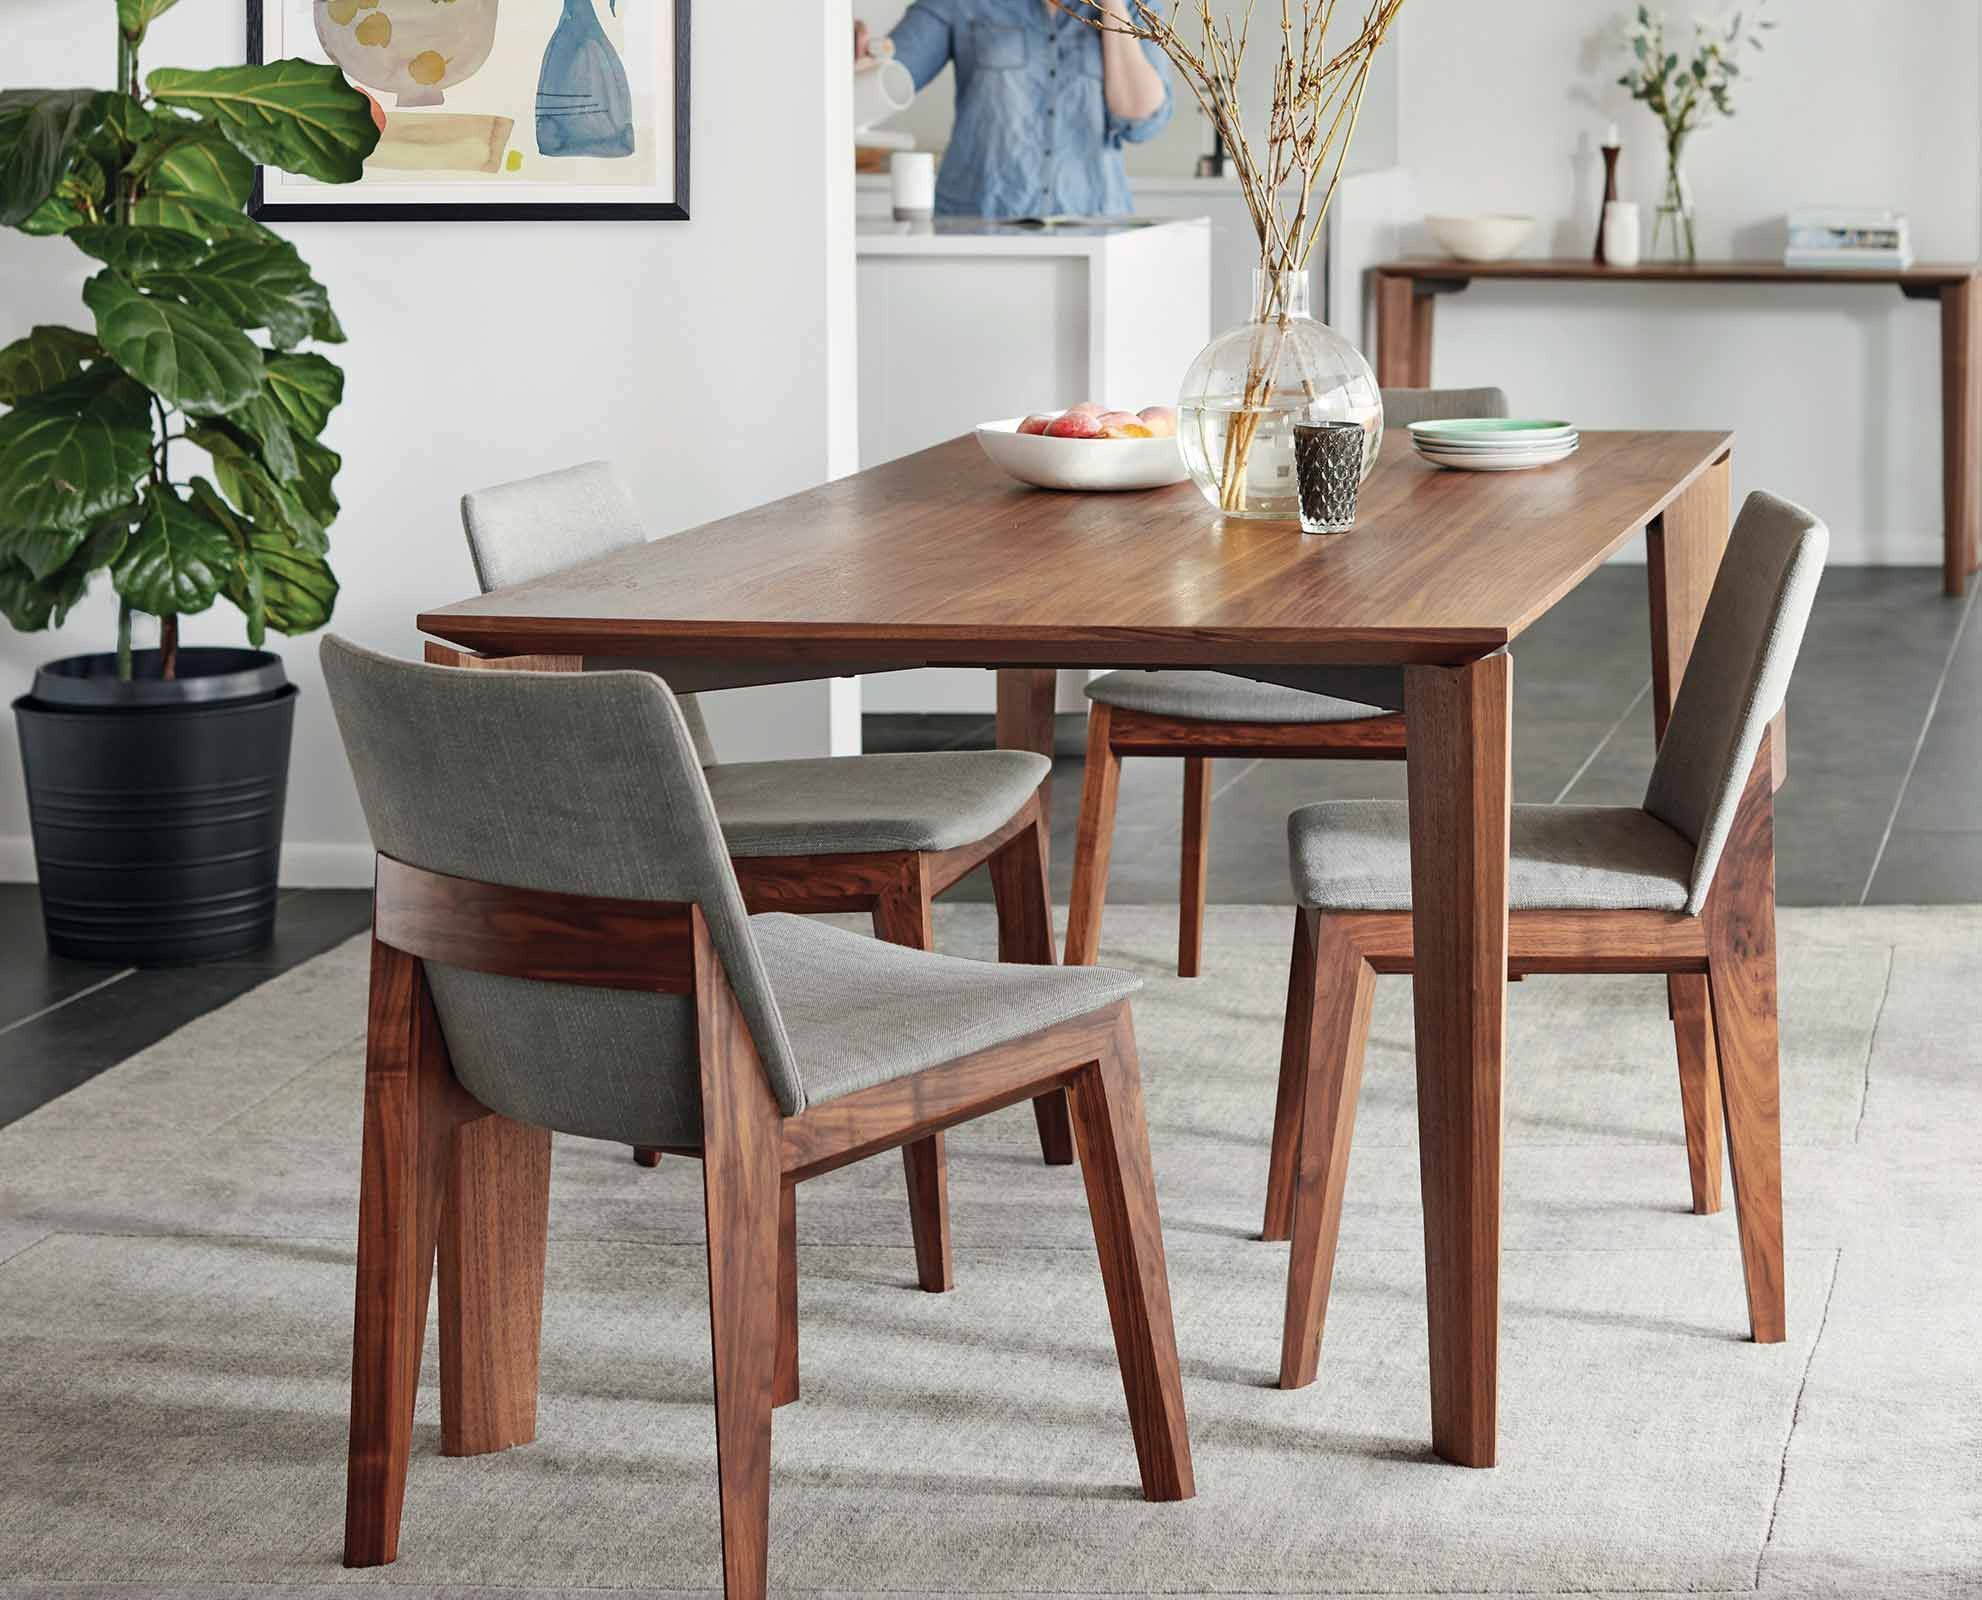 Vidare Dining Table Scandinavian Dining Room Minimalist Dining Room Scandinavian Dining Table